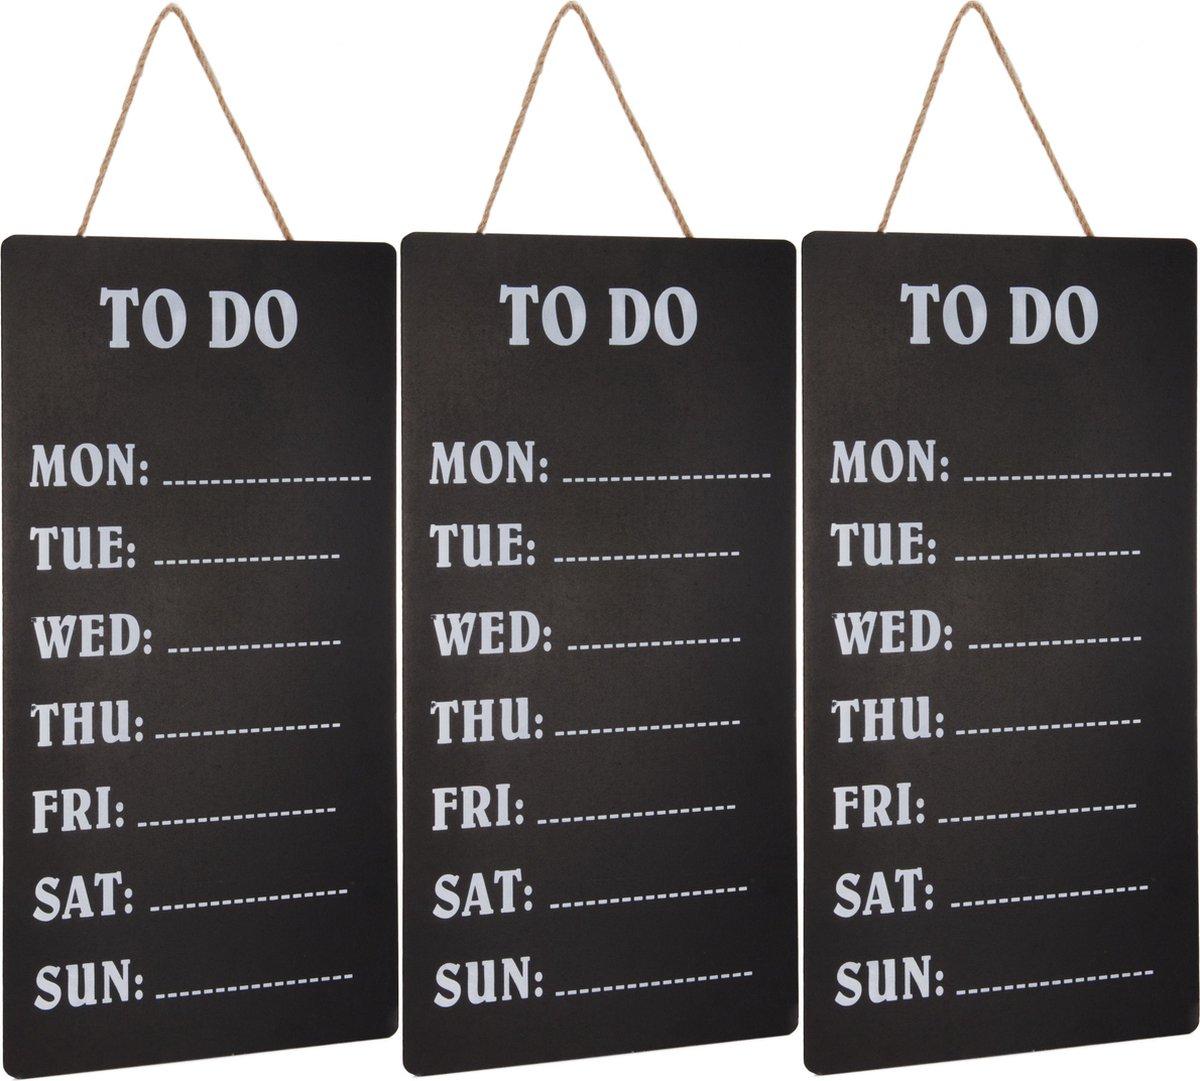 Merkloos / Sans marque 3x Weekplanners To Do schrijfbord/memobord 30 x 60 cm Woonaccessoires Huisdecoratie Kantoorbenodigdheden Weekplanners Planborden Memoborden/schrijfborden To Do borden online kopen